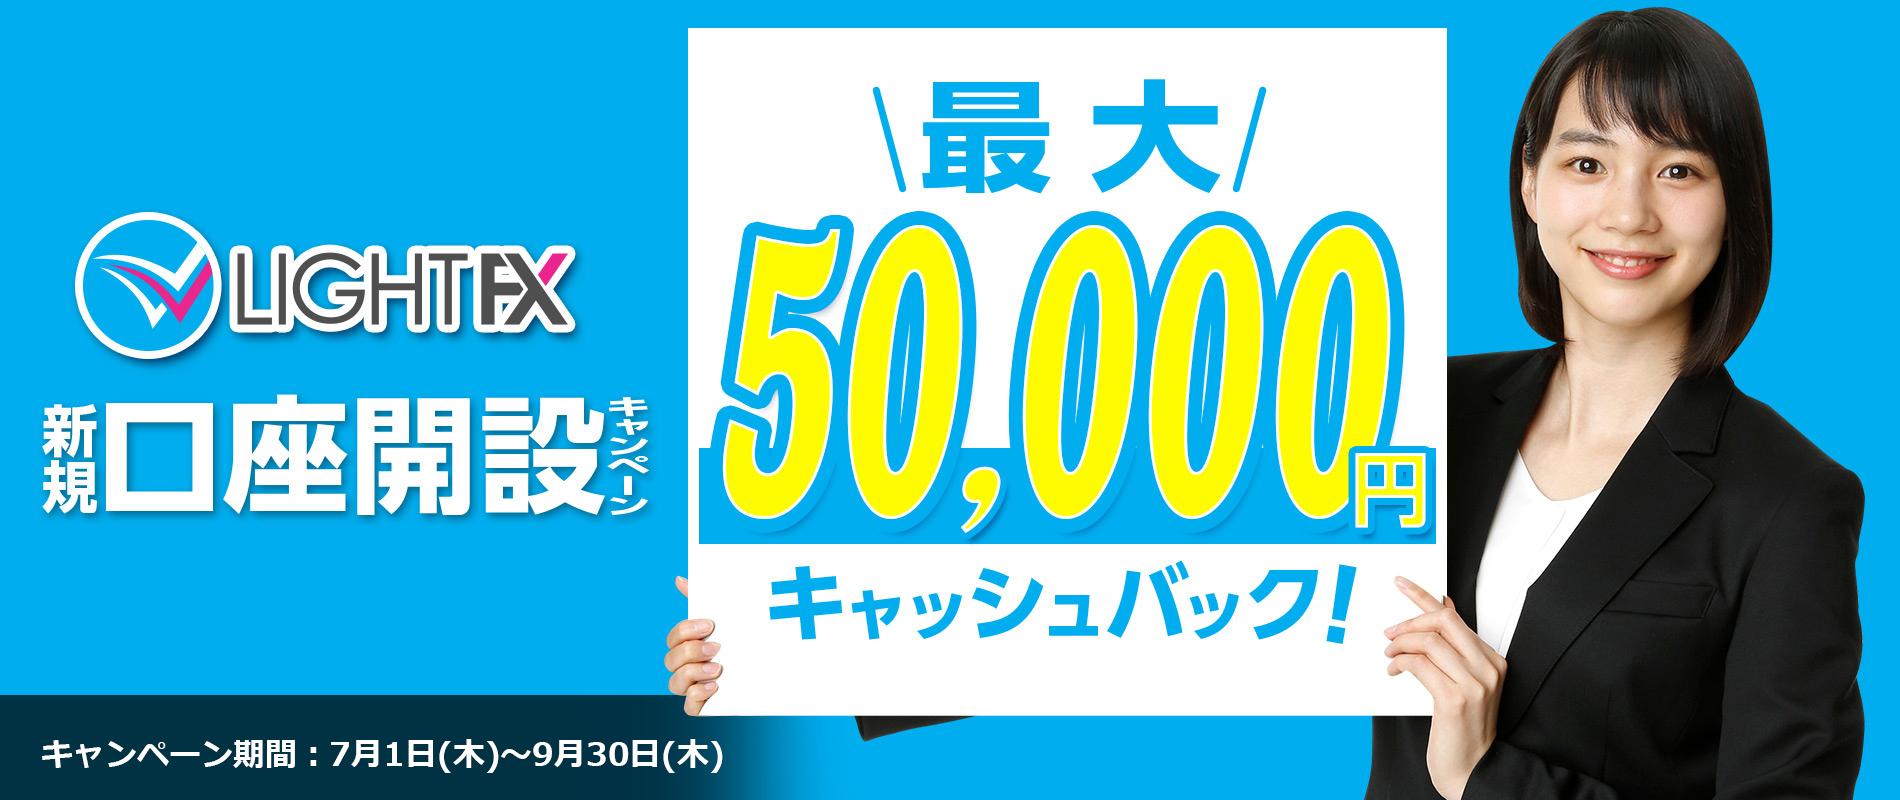 新規口座開設50,000円キャッシュバック(2021年7月~9月)